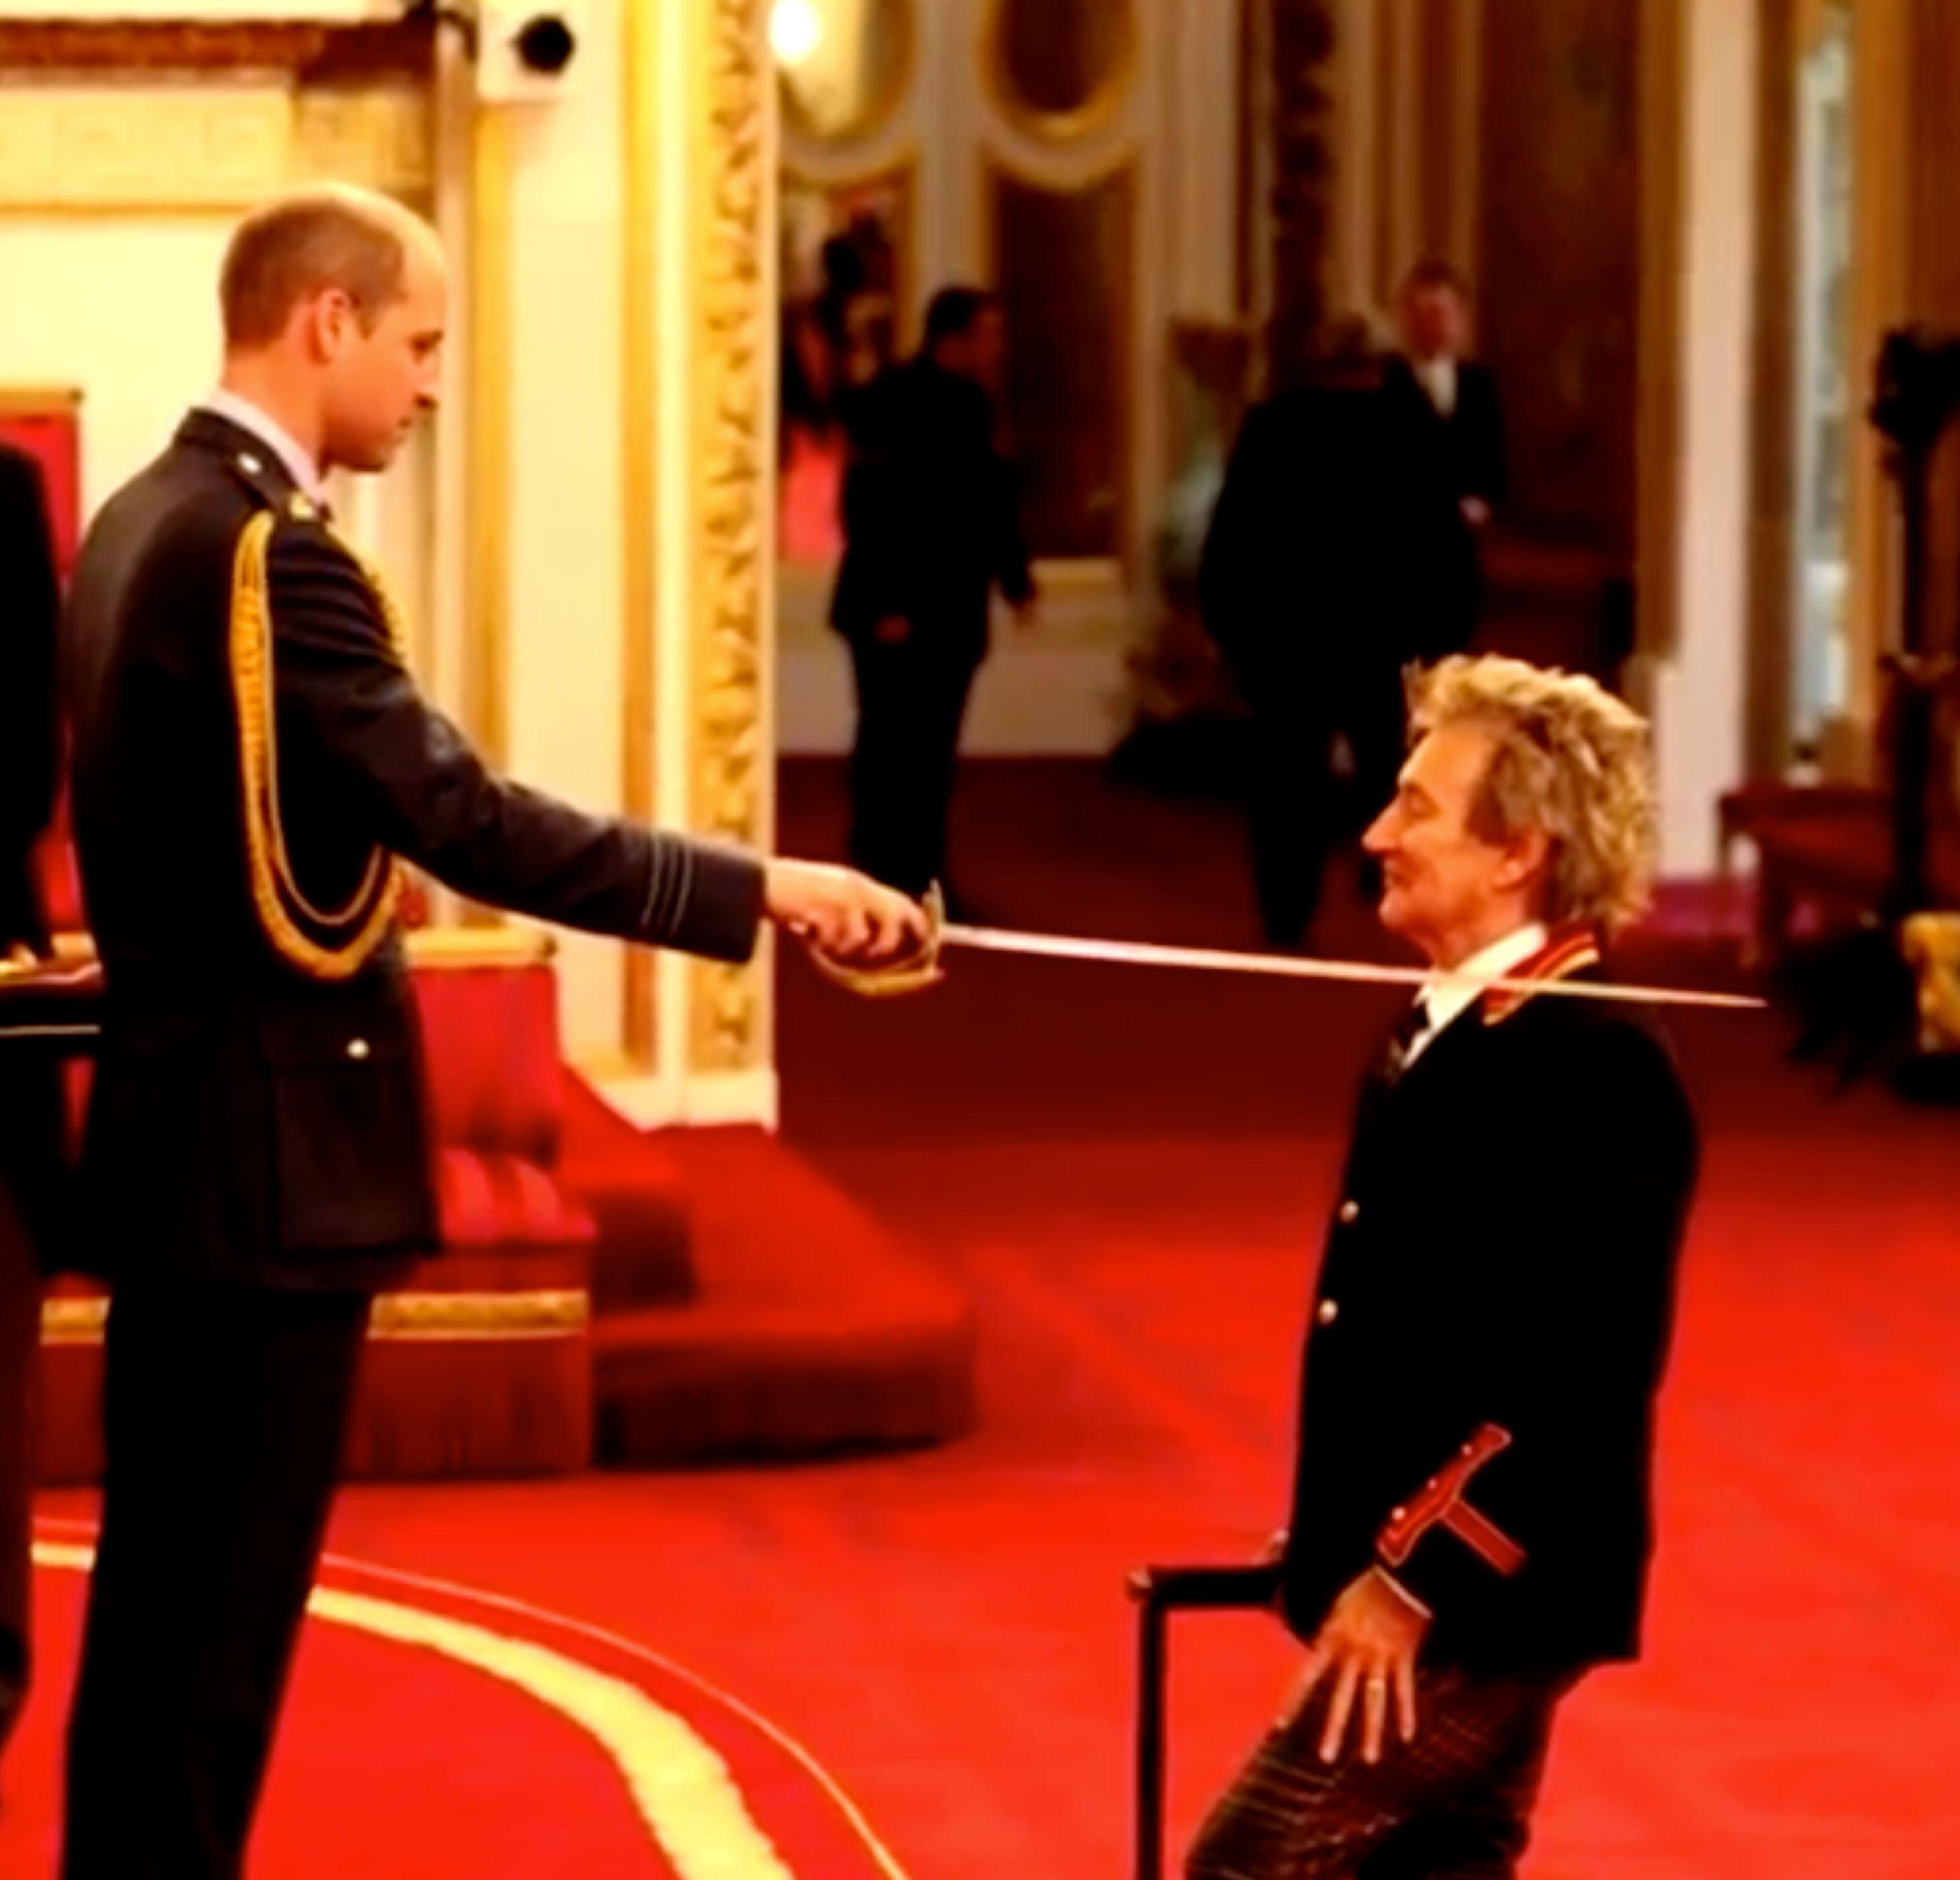 Prince William knights singer Rod Stewart